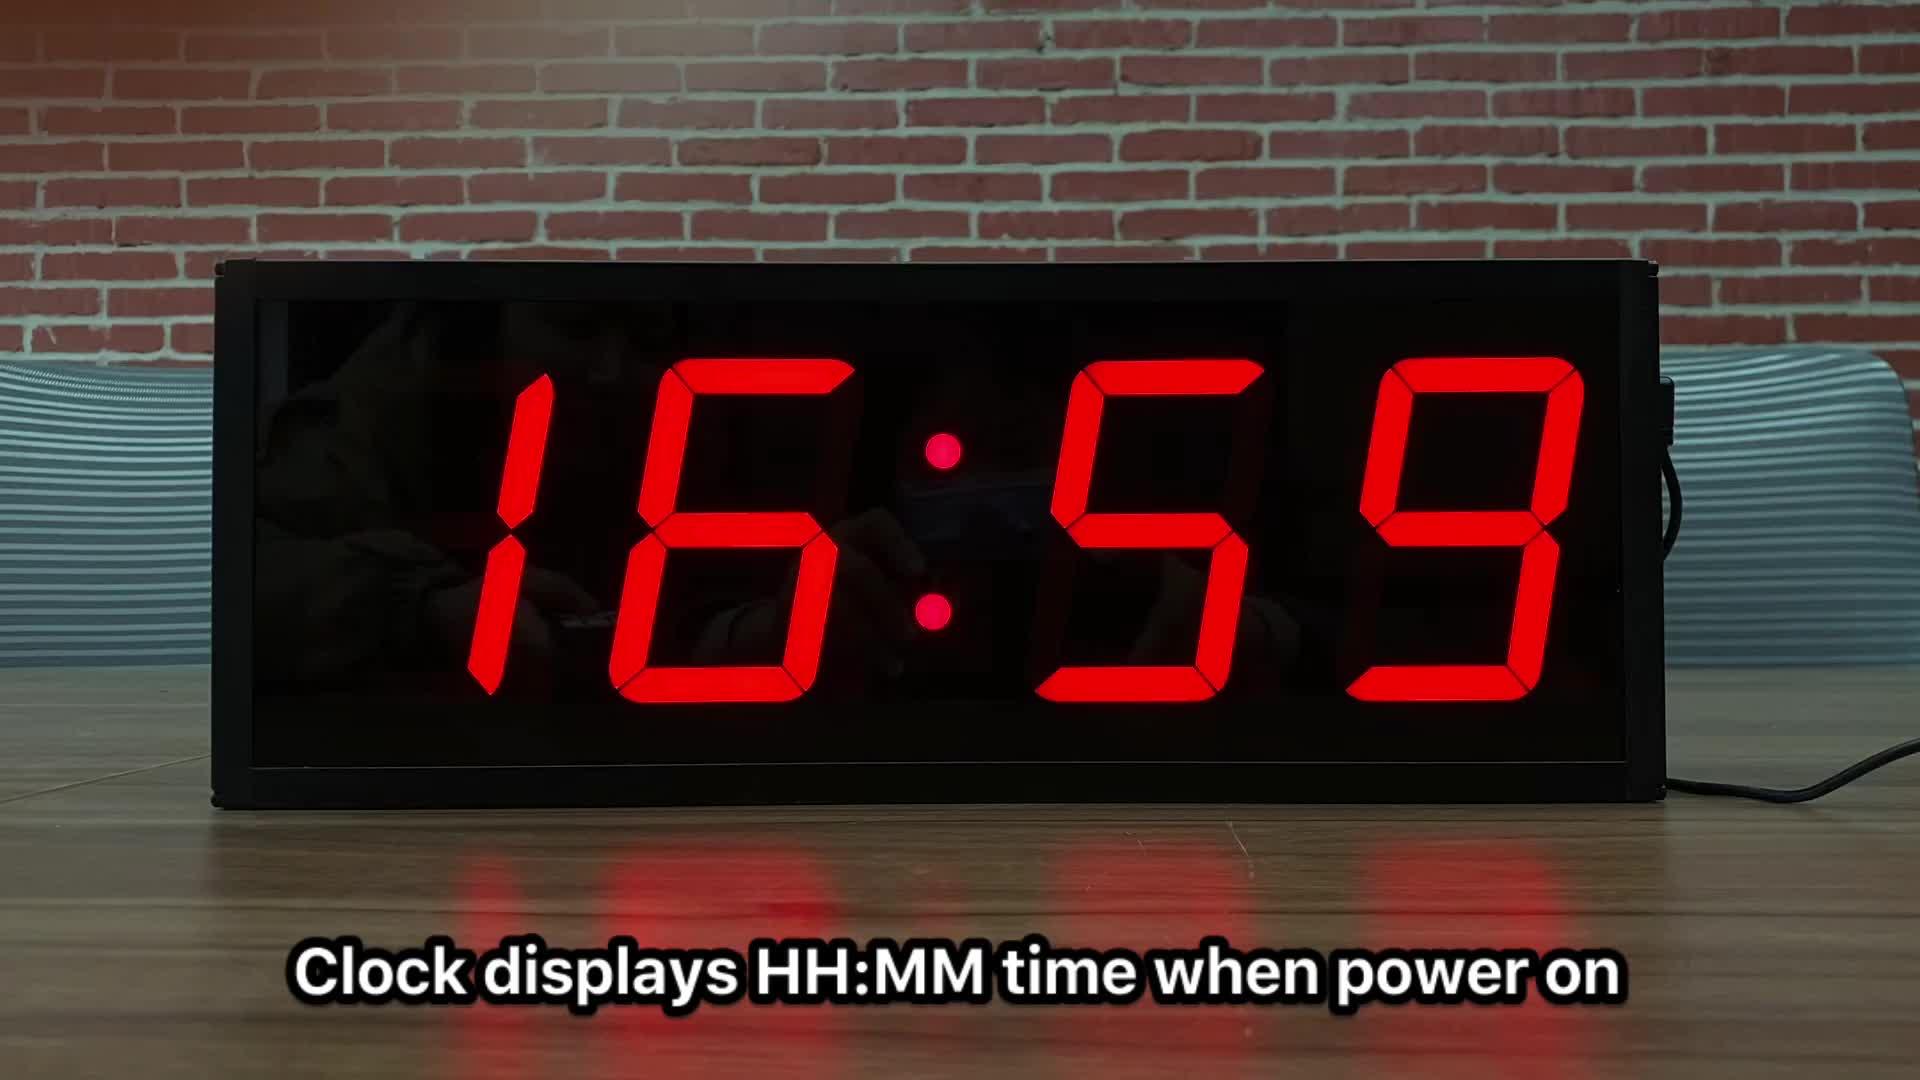 Мульти-функциональные 4 дюйма на 4 цифры по ценам от производителя цифровые часы мы часы обратного отсчета времени СИД цифровой таймер